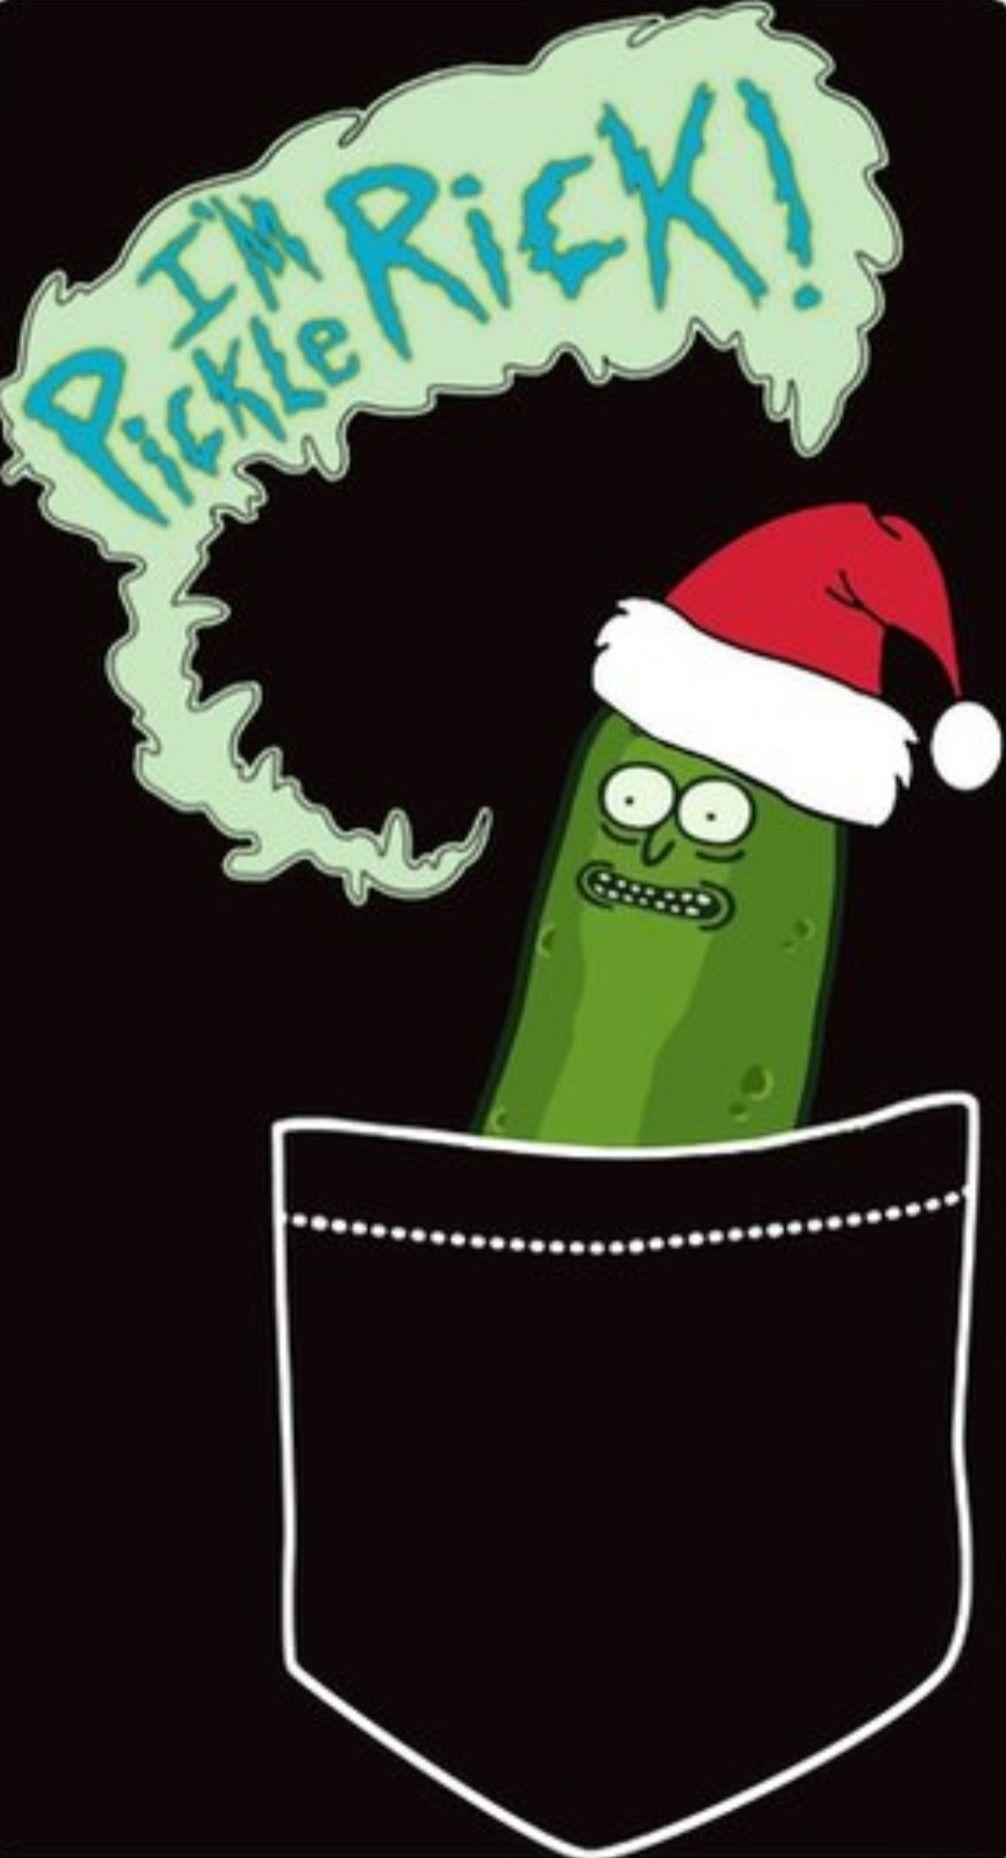 Rick and Morty Pickle Rick Christmas Rick morty Christmas 1006x1858